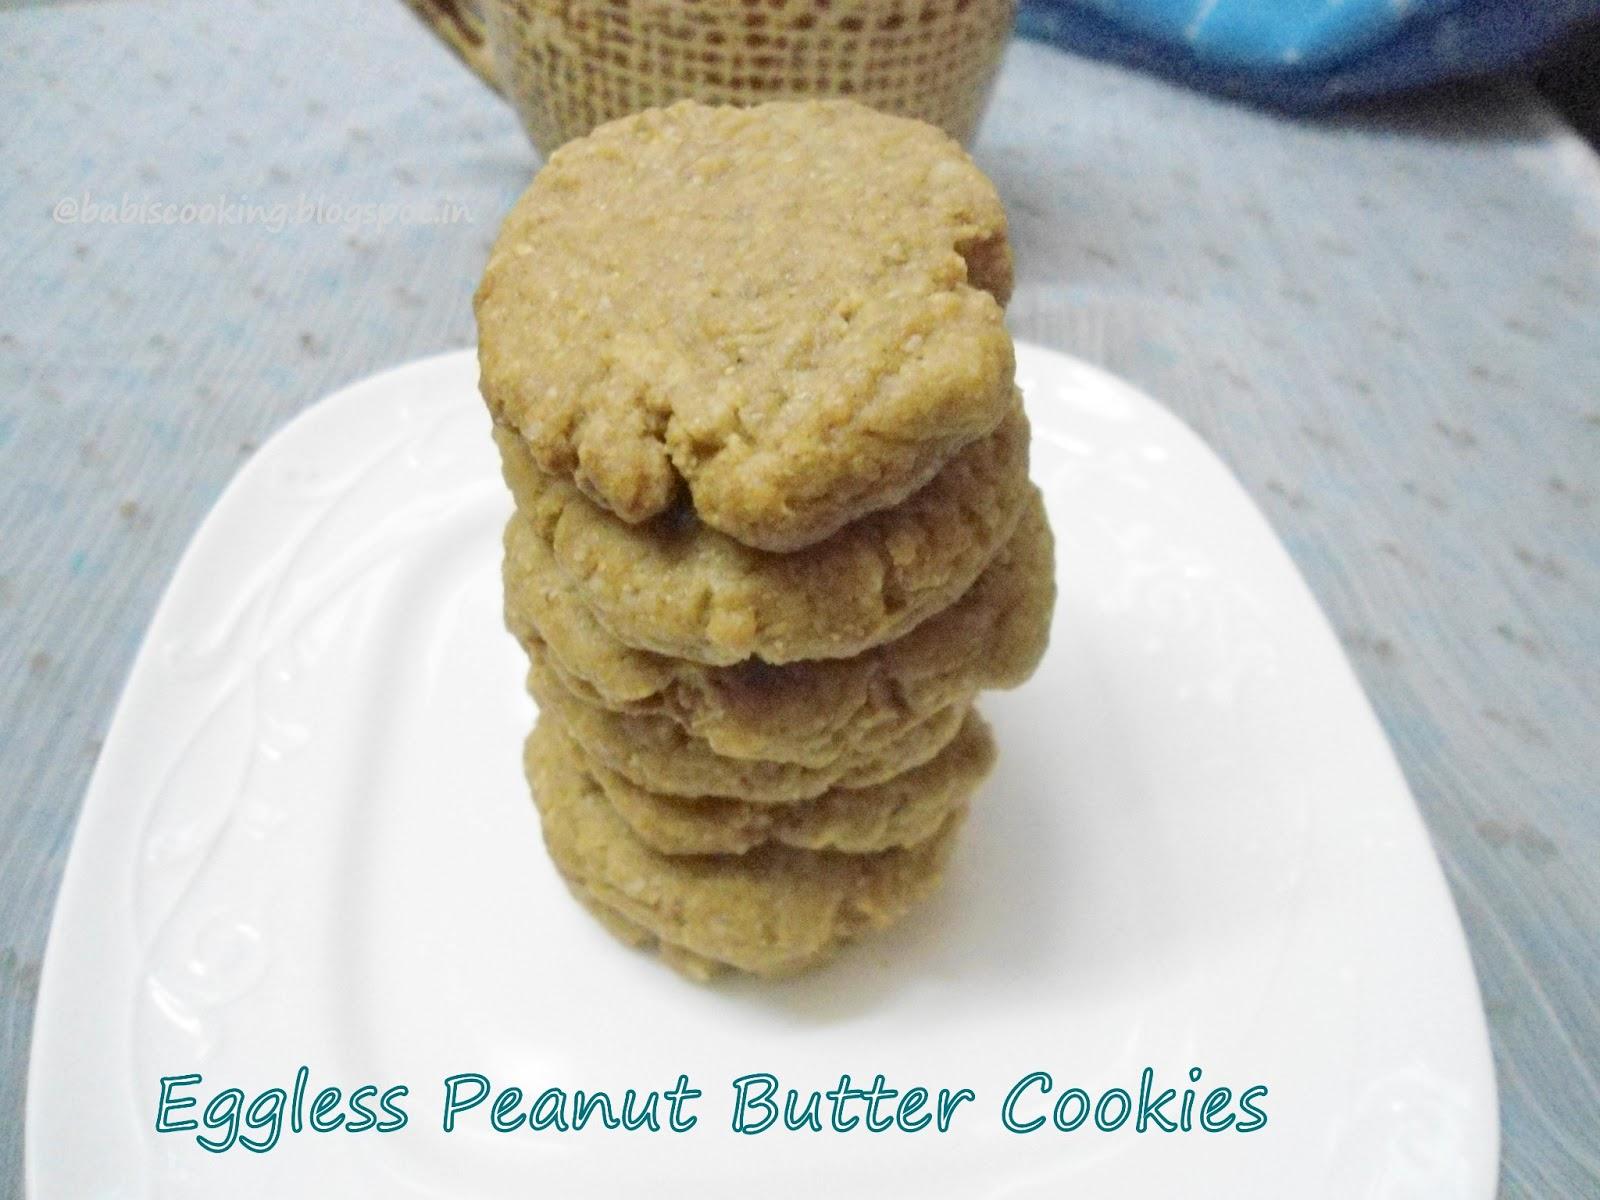 eggless penut butter cookies